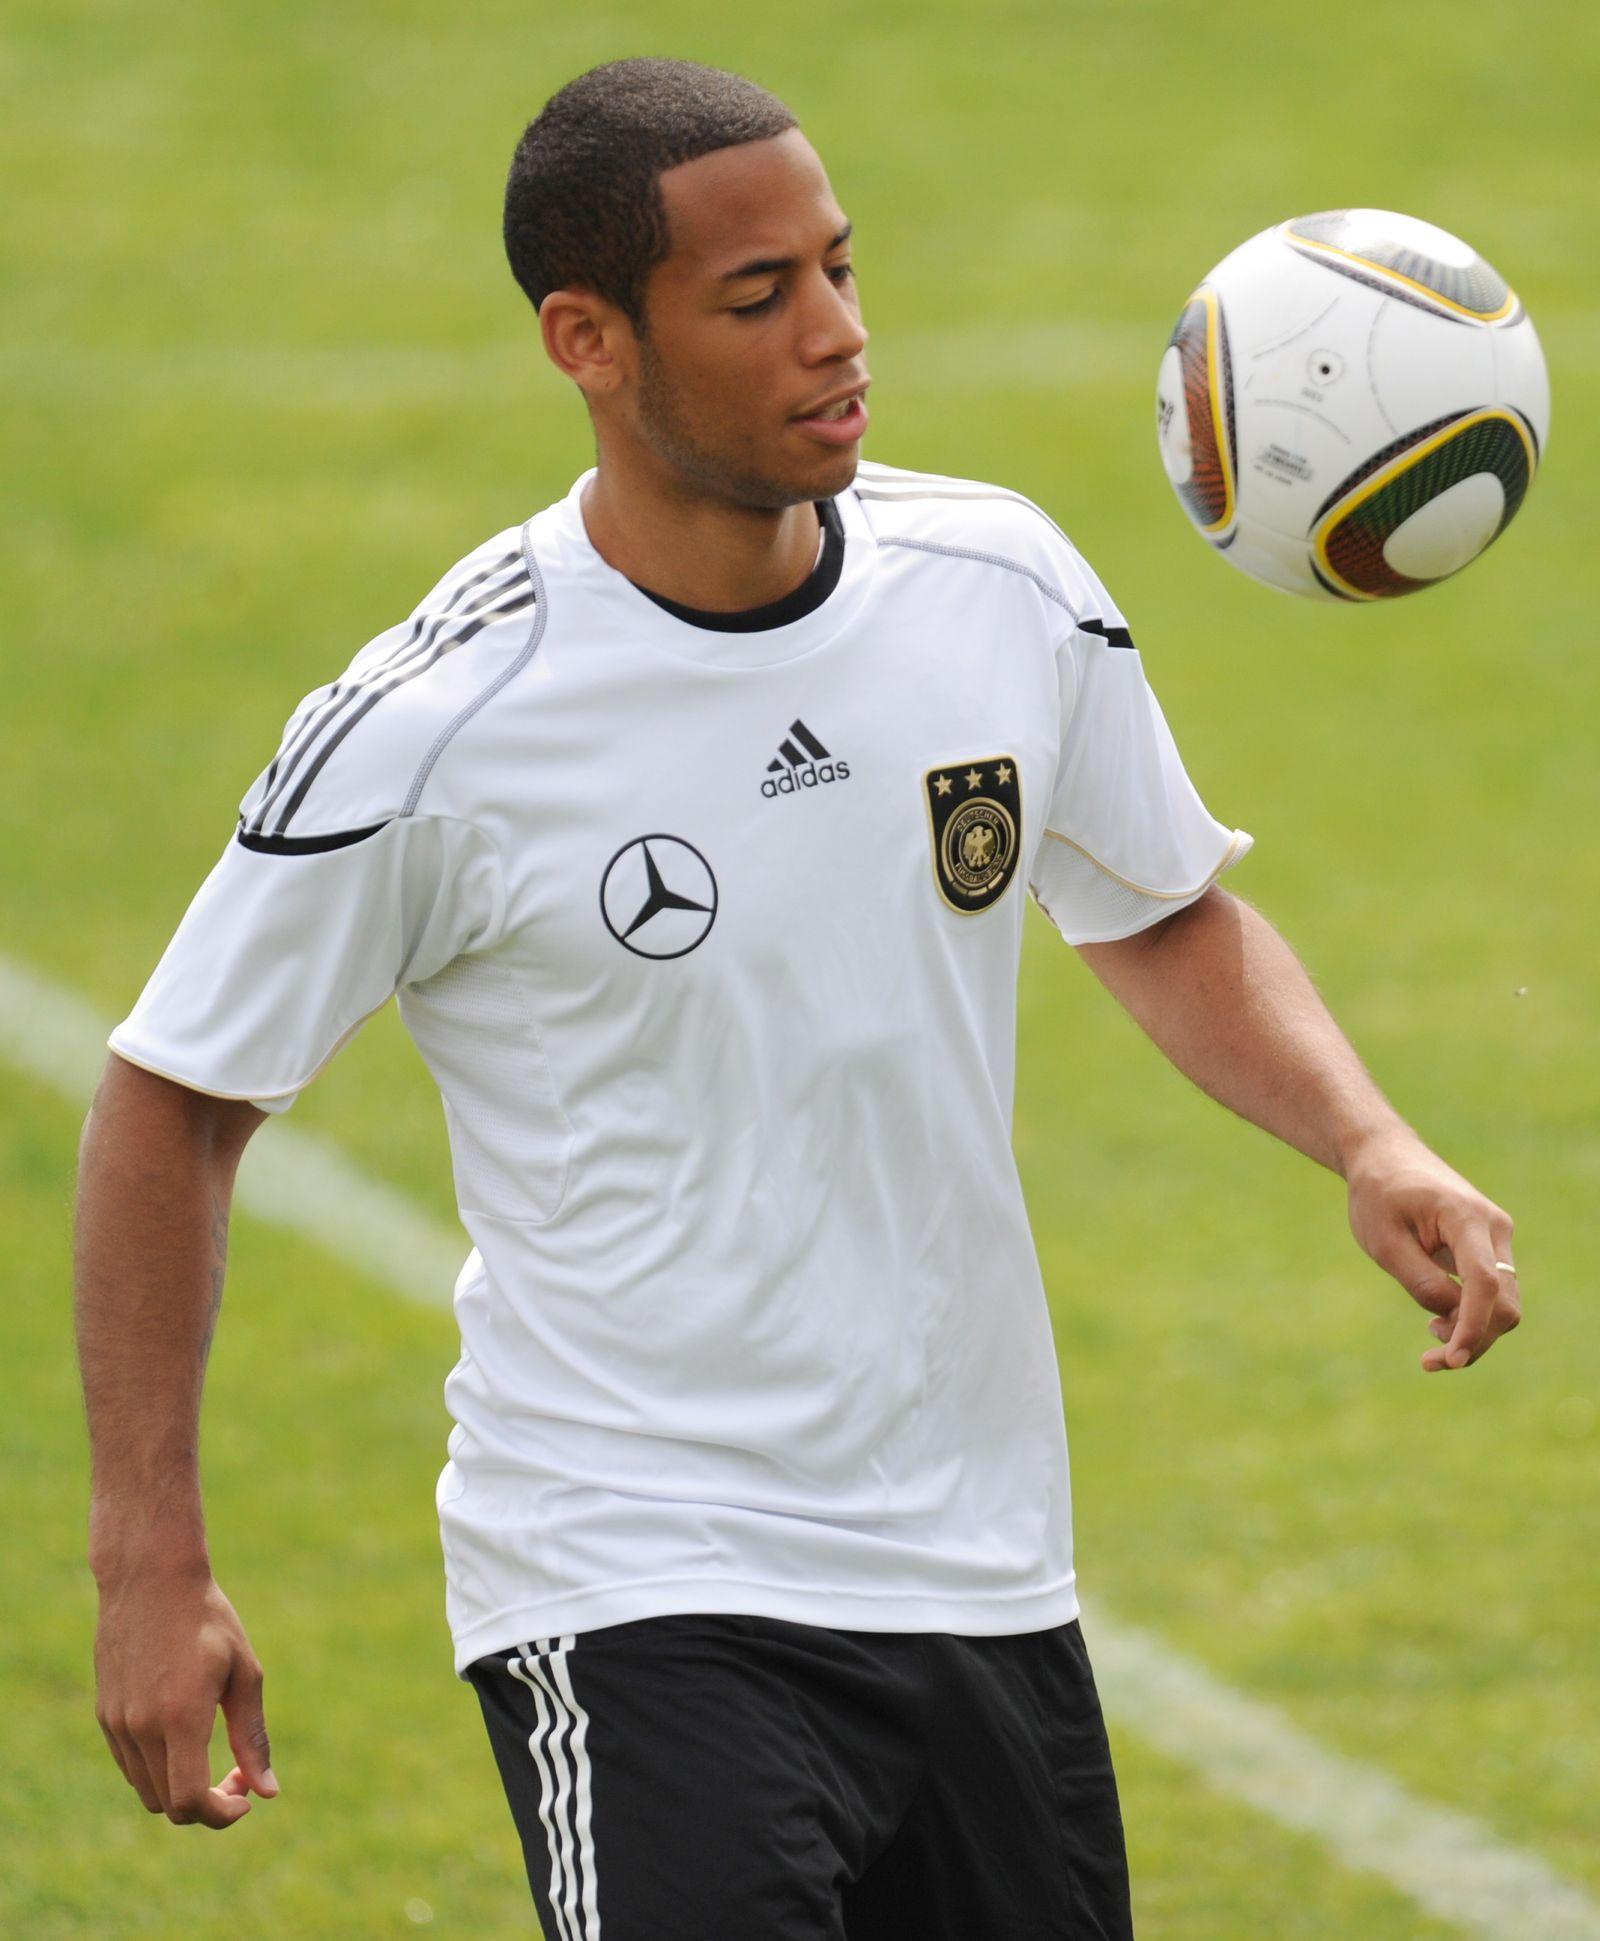 NICHT VERWENDEN Trainingslager deutsche Fussball-Nationalmannschaft